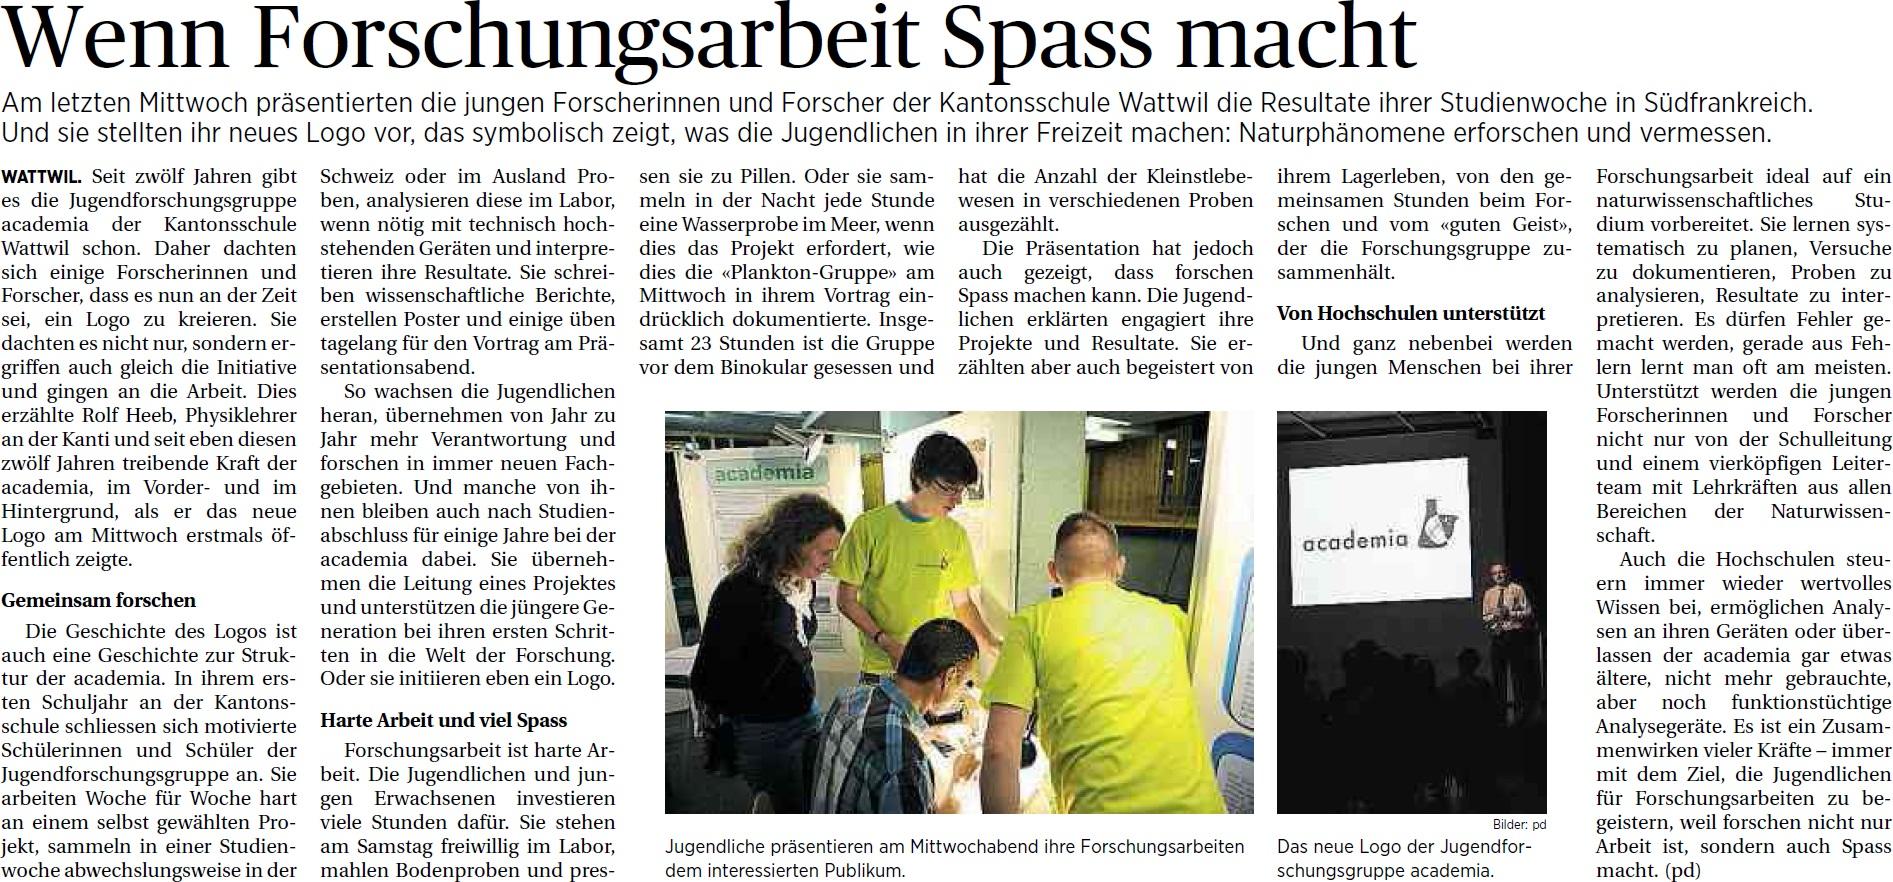 Wenn Forschungsarbeit Spass macht (Samstag, 05.04.2014)